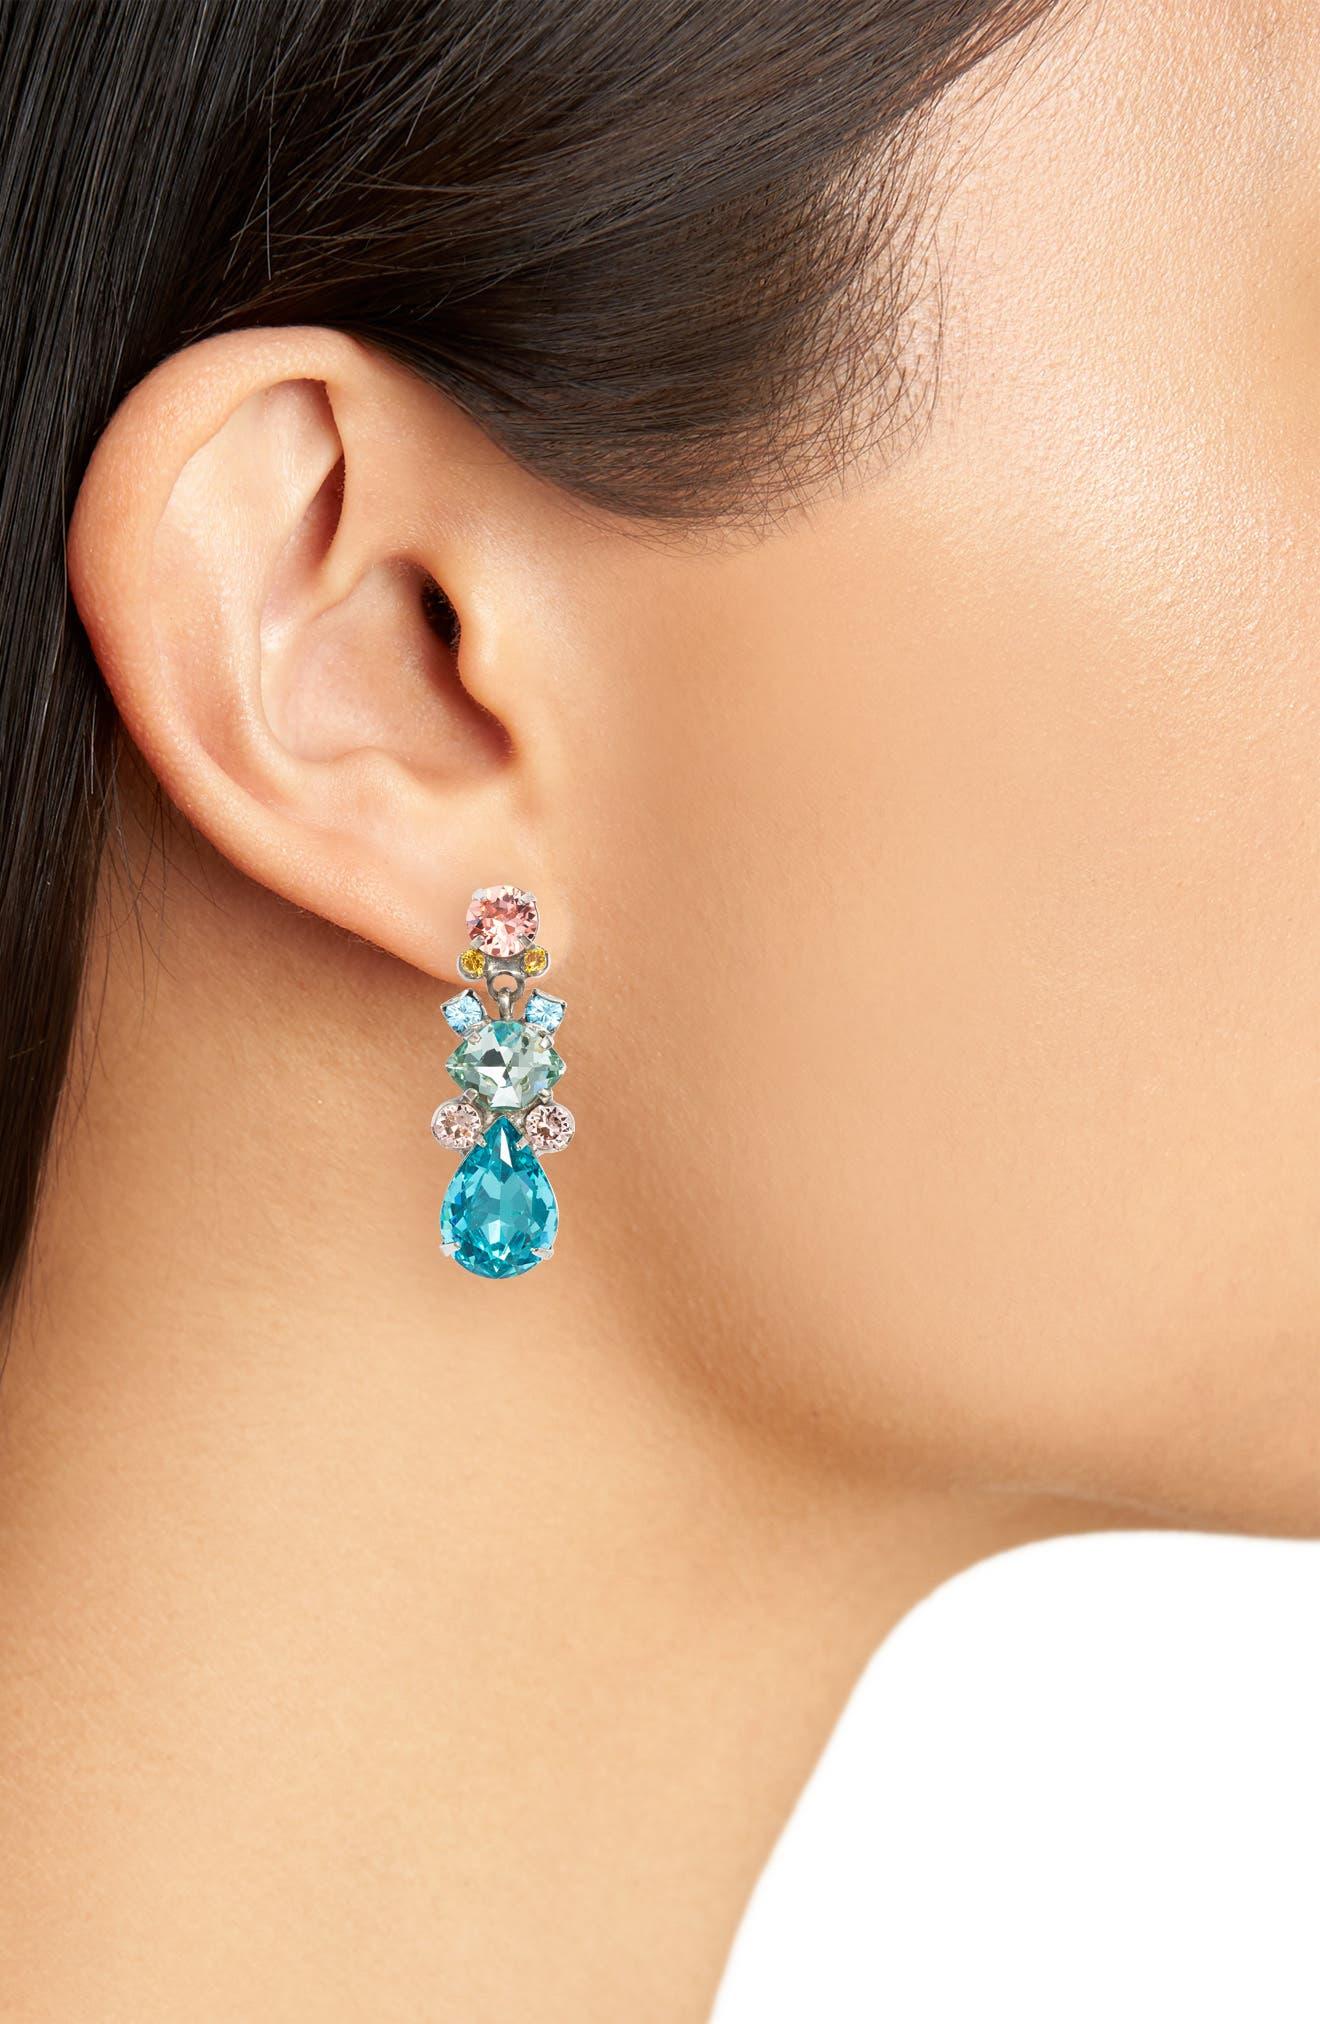 Iberis Earrings,                             Alternate thumbnail 2, color,                             Aqua/ Pink/ Green